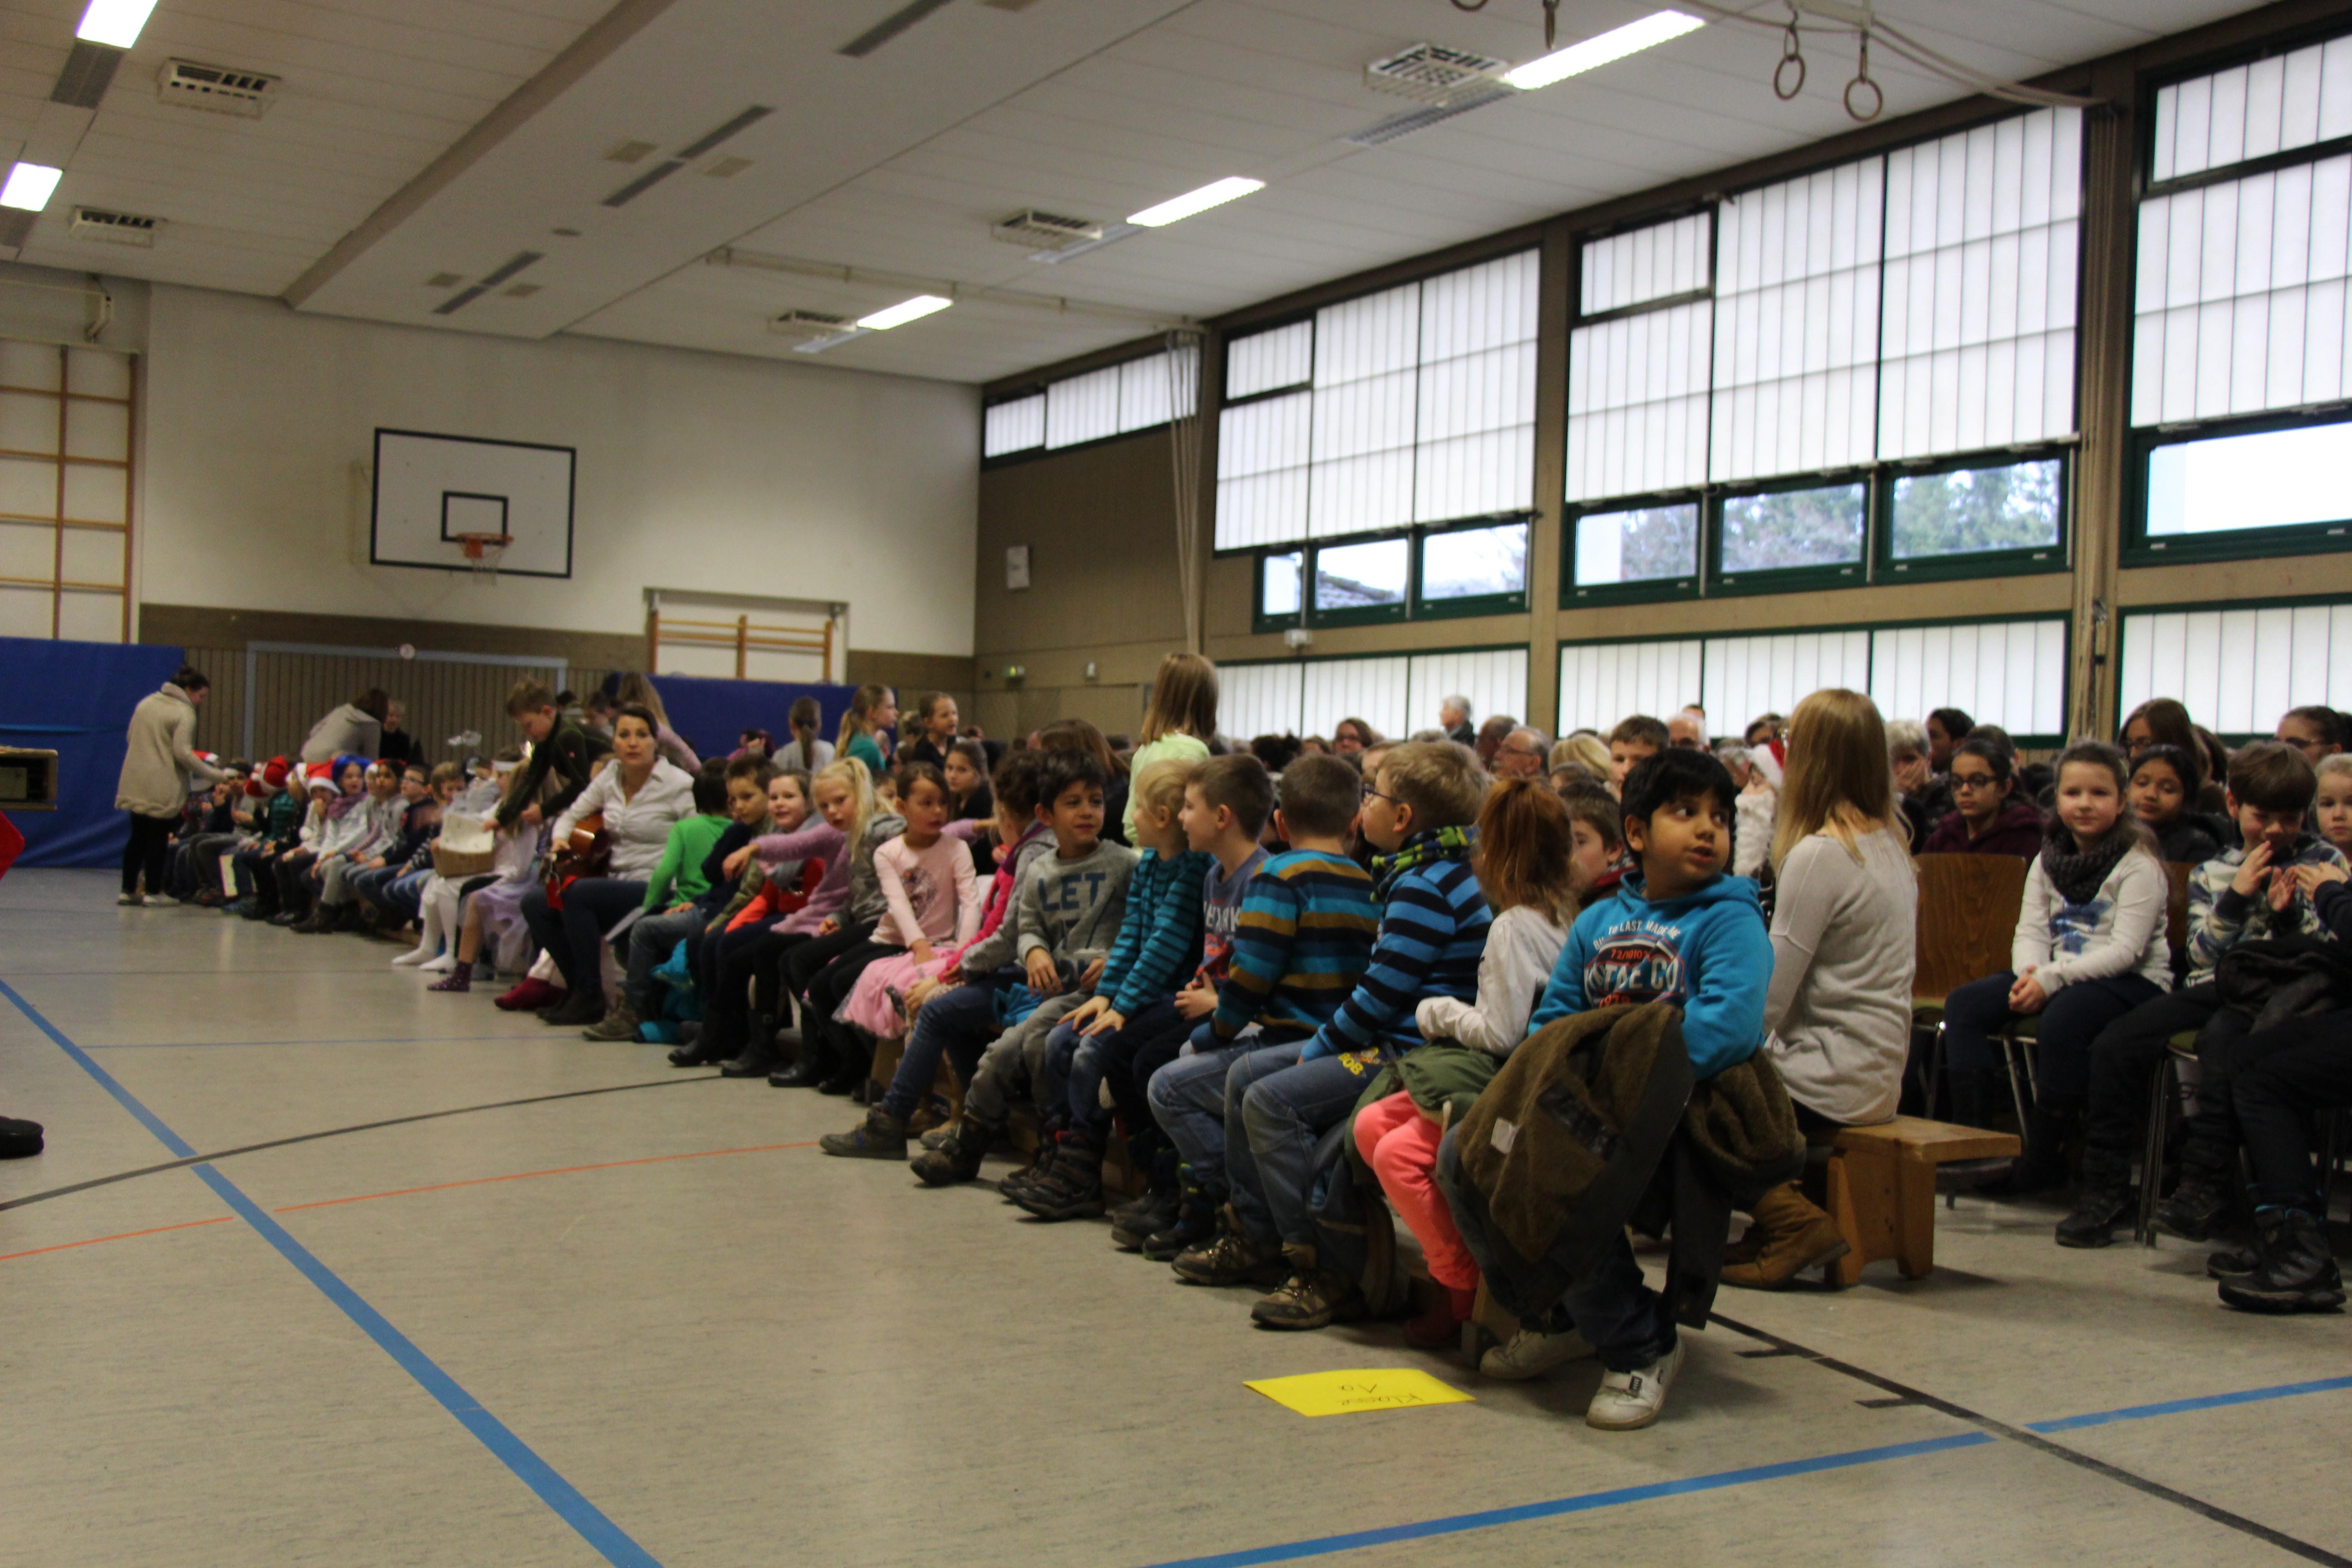 Weihnachtsfeier Im Januar.Grundschule Wilgersdorf Weihnachtsfeier